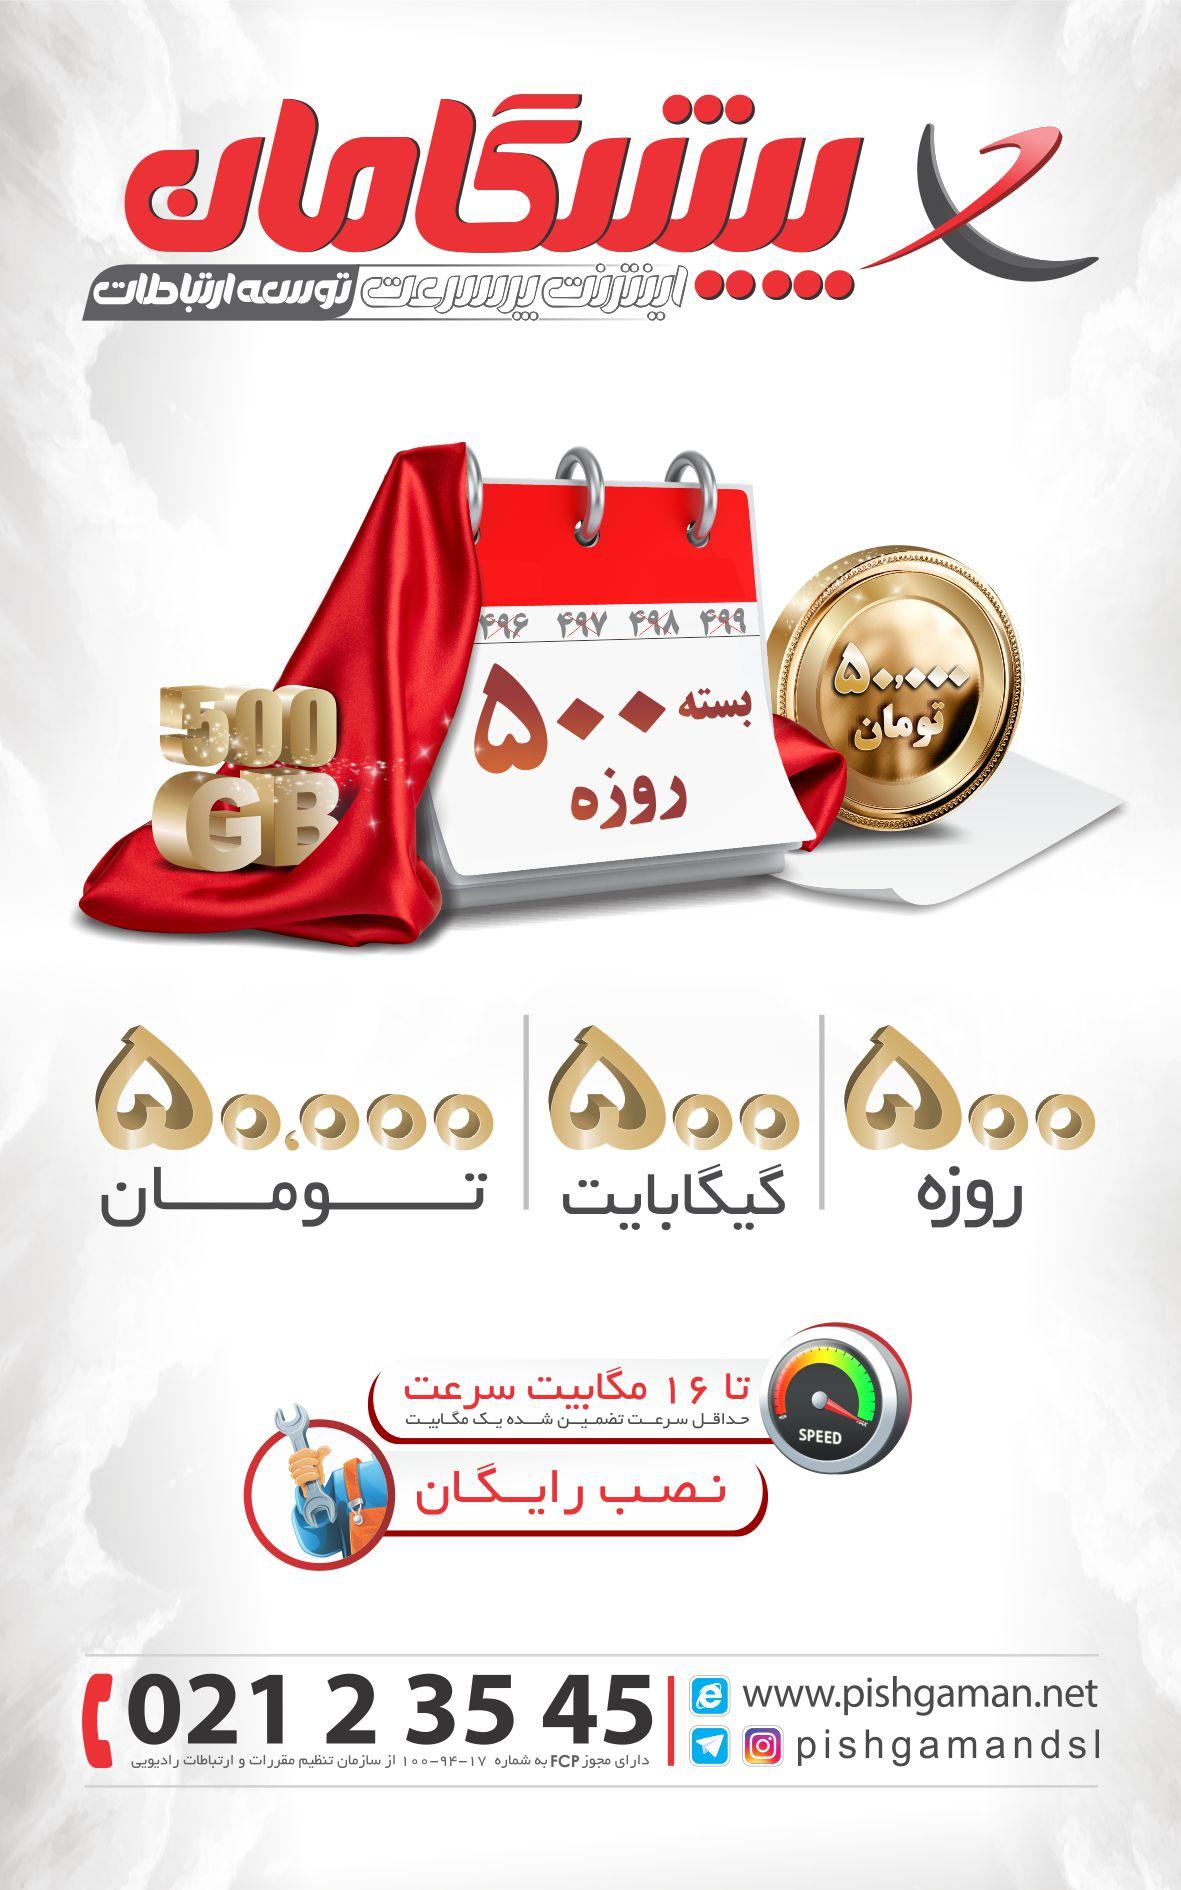 جشنواره اینترنت پرسرعت ADSL2+ شرکت پیشگامان (اطلاع رسانی تبلیغی)